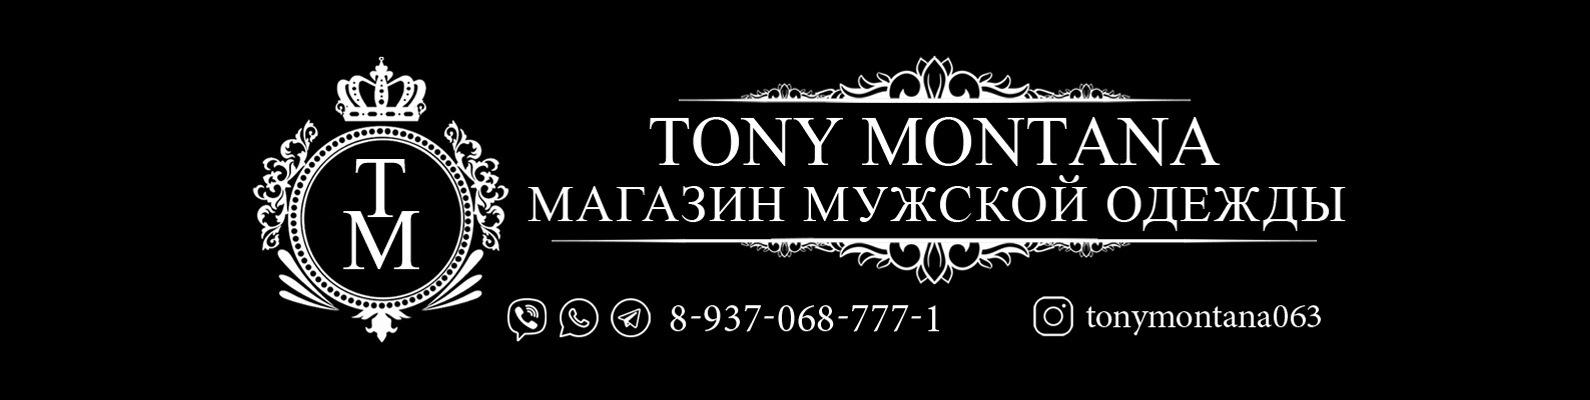 4a978cc962b Магазин мужской одежды в Самаре TONY MONTANA